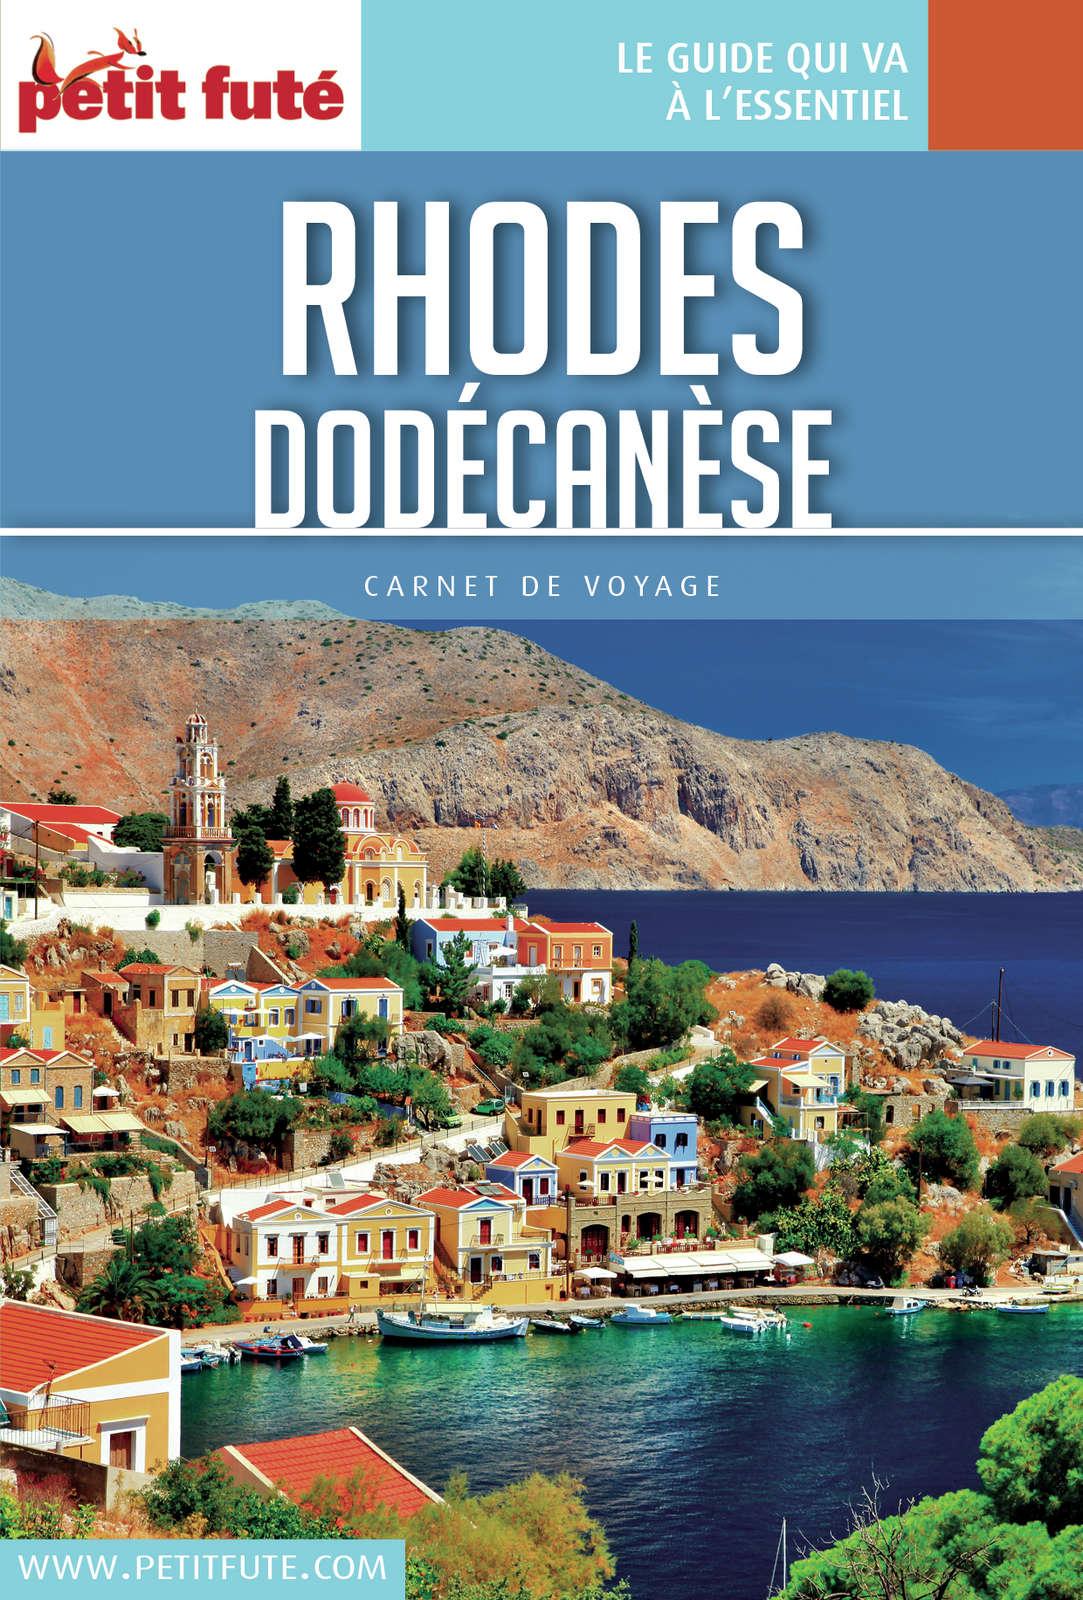 Carnet de voyage - Rhodes - Dodécanèse 2016